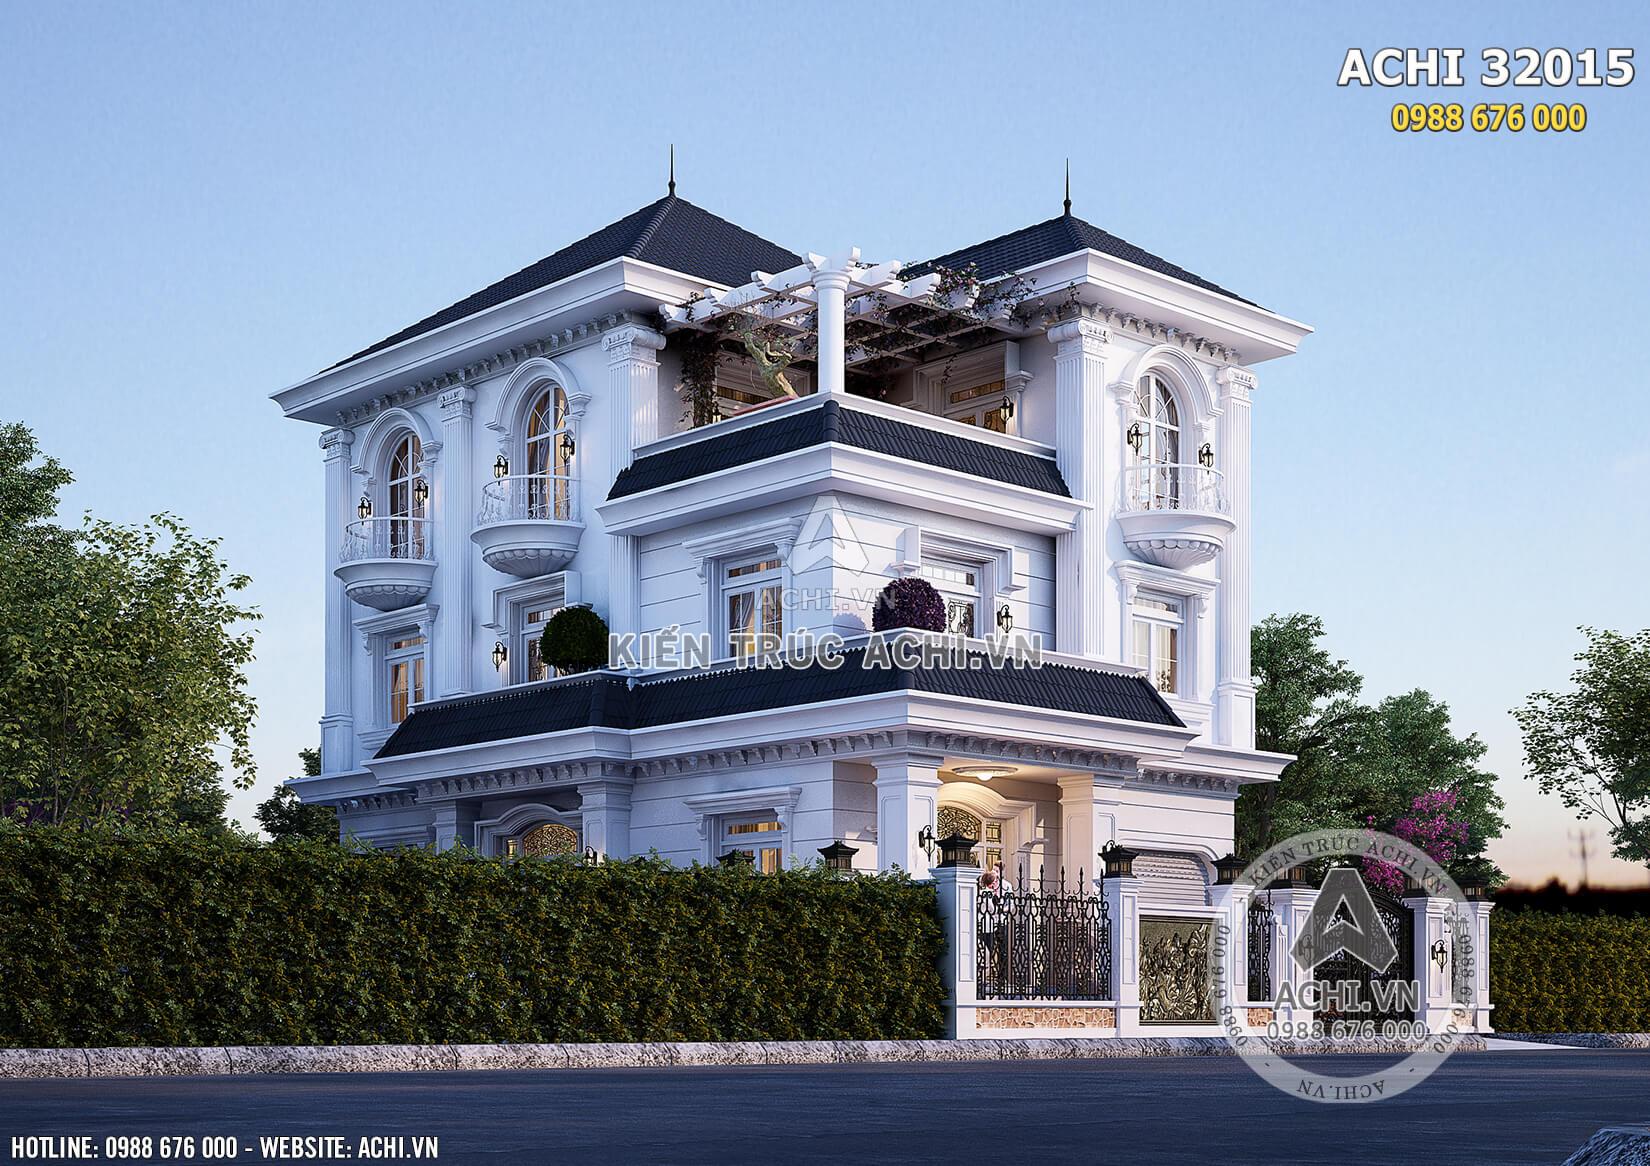 Mẫu nhà biệt thự 3 tầng mặt tiền 10m đẹp - ACHI 32015